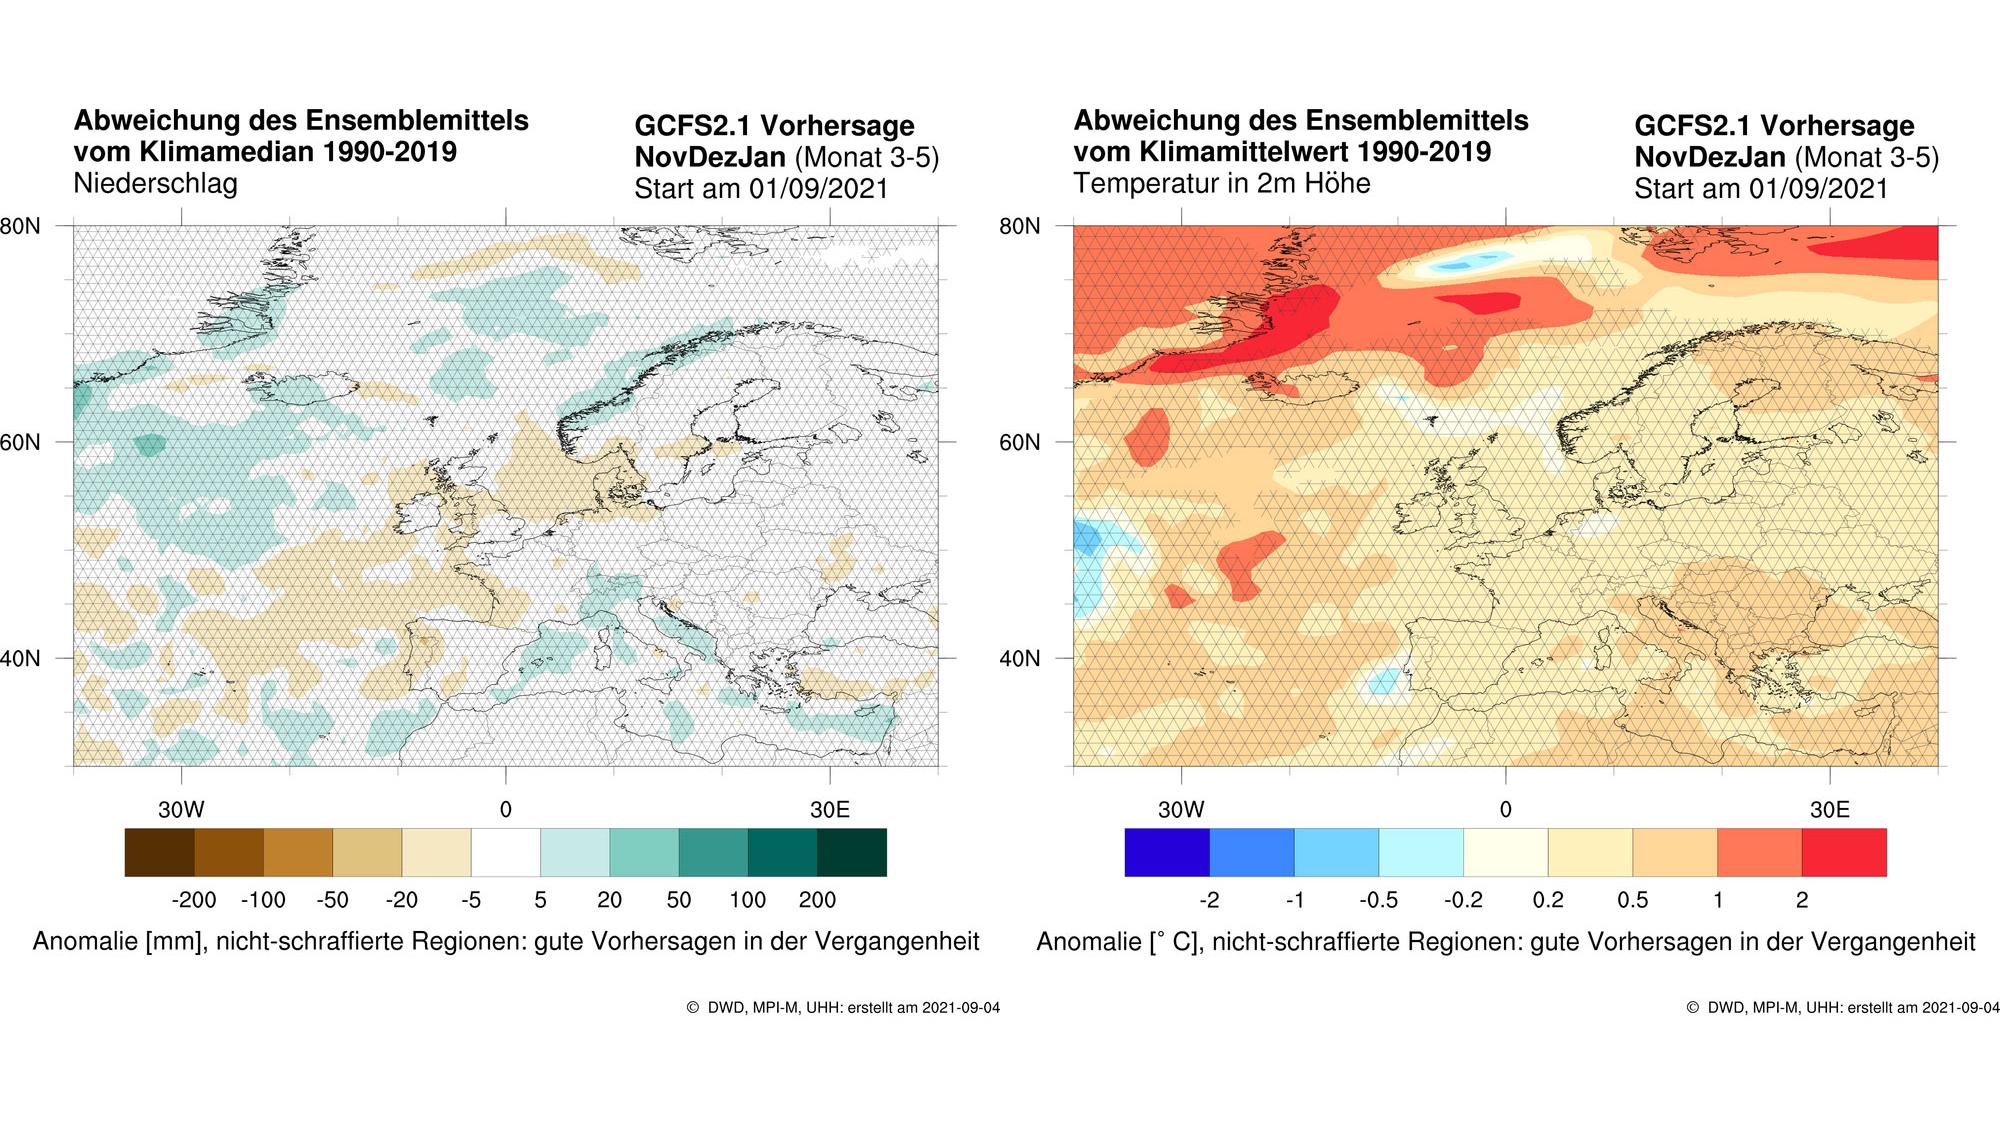 Niederschlags- und Temperaturabweichungen vom langjährigen Mittel der Monate Nov/Dez/Jan 21/22